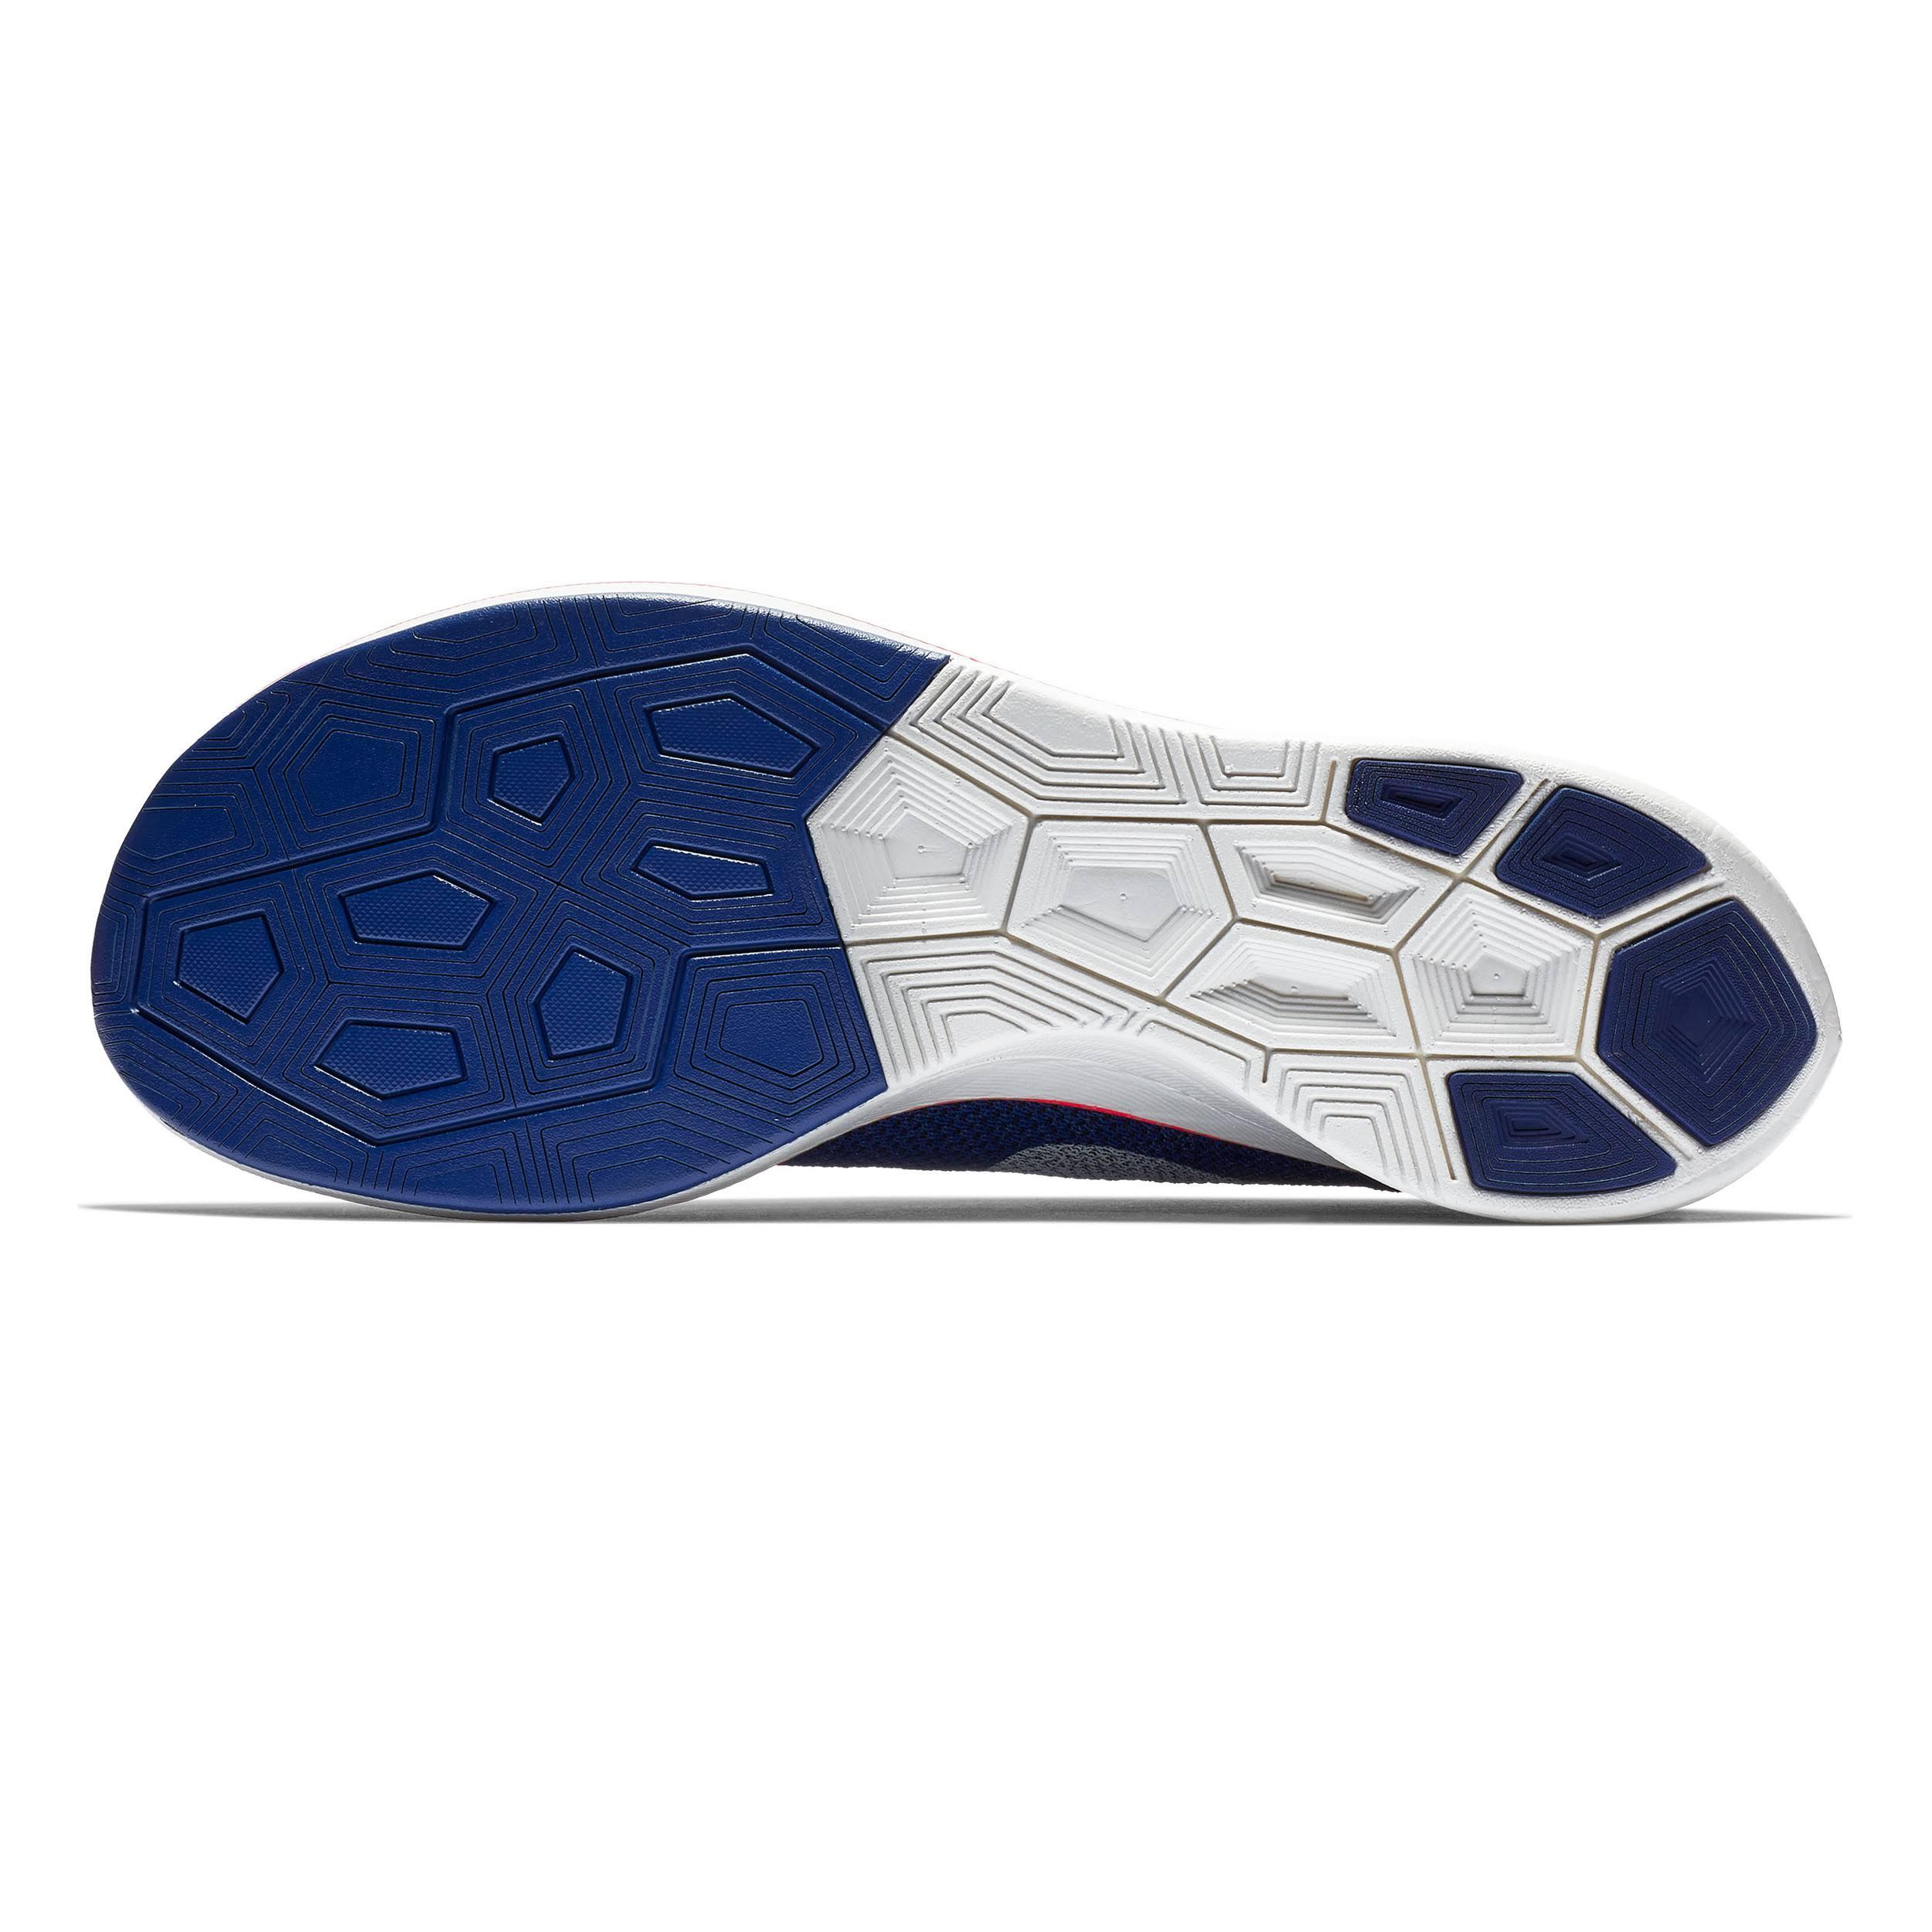 Uk Eu 40 6 Blau Nike 4 Laufschuhe Vaporfly Flyknit Blau wqFxnpR406